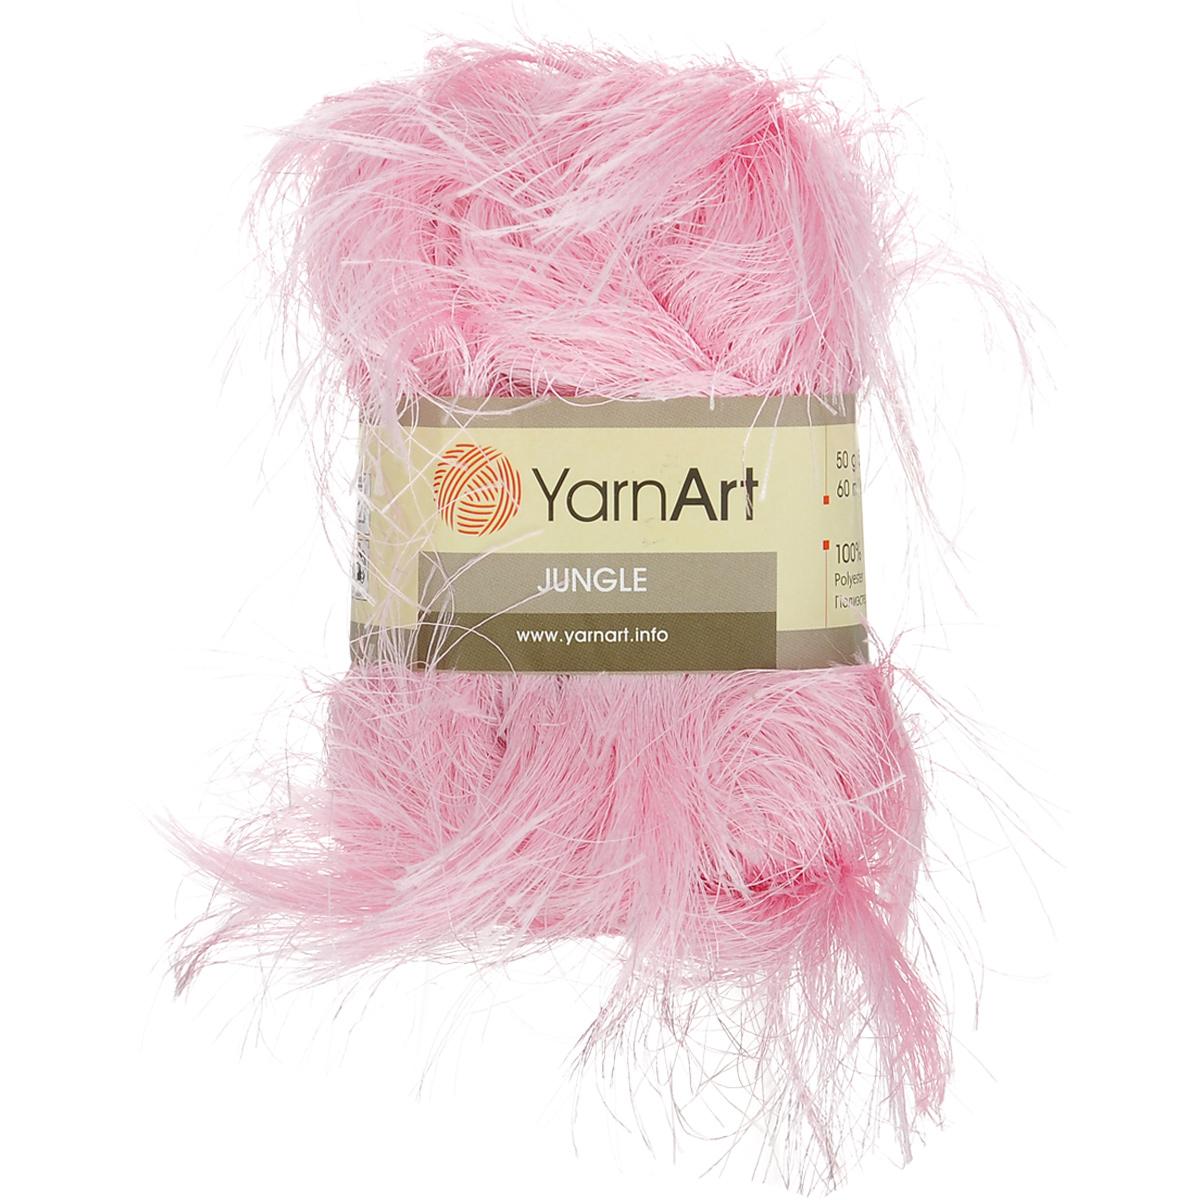 Пряжа для вязания YarnArt Jungle, цвет: розовый (20), 60 м, 50 г, 10 шт372055_20Пряжа для вязания YarnArt Jungle изготовлена из полиэстера. Пряжа-травка предназначена для ручного вязания и идеально подходит для отделки. Готовый ворс получается равным 4 см. Рекомендованные спицы и крючок для вязания 6 мм. Комплектация: 10 мотков. Состав: 100% полиэстер.